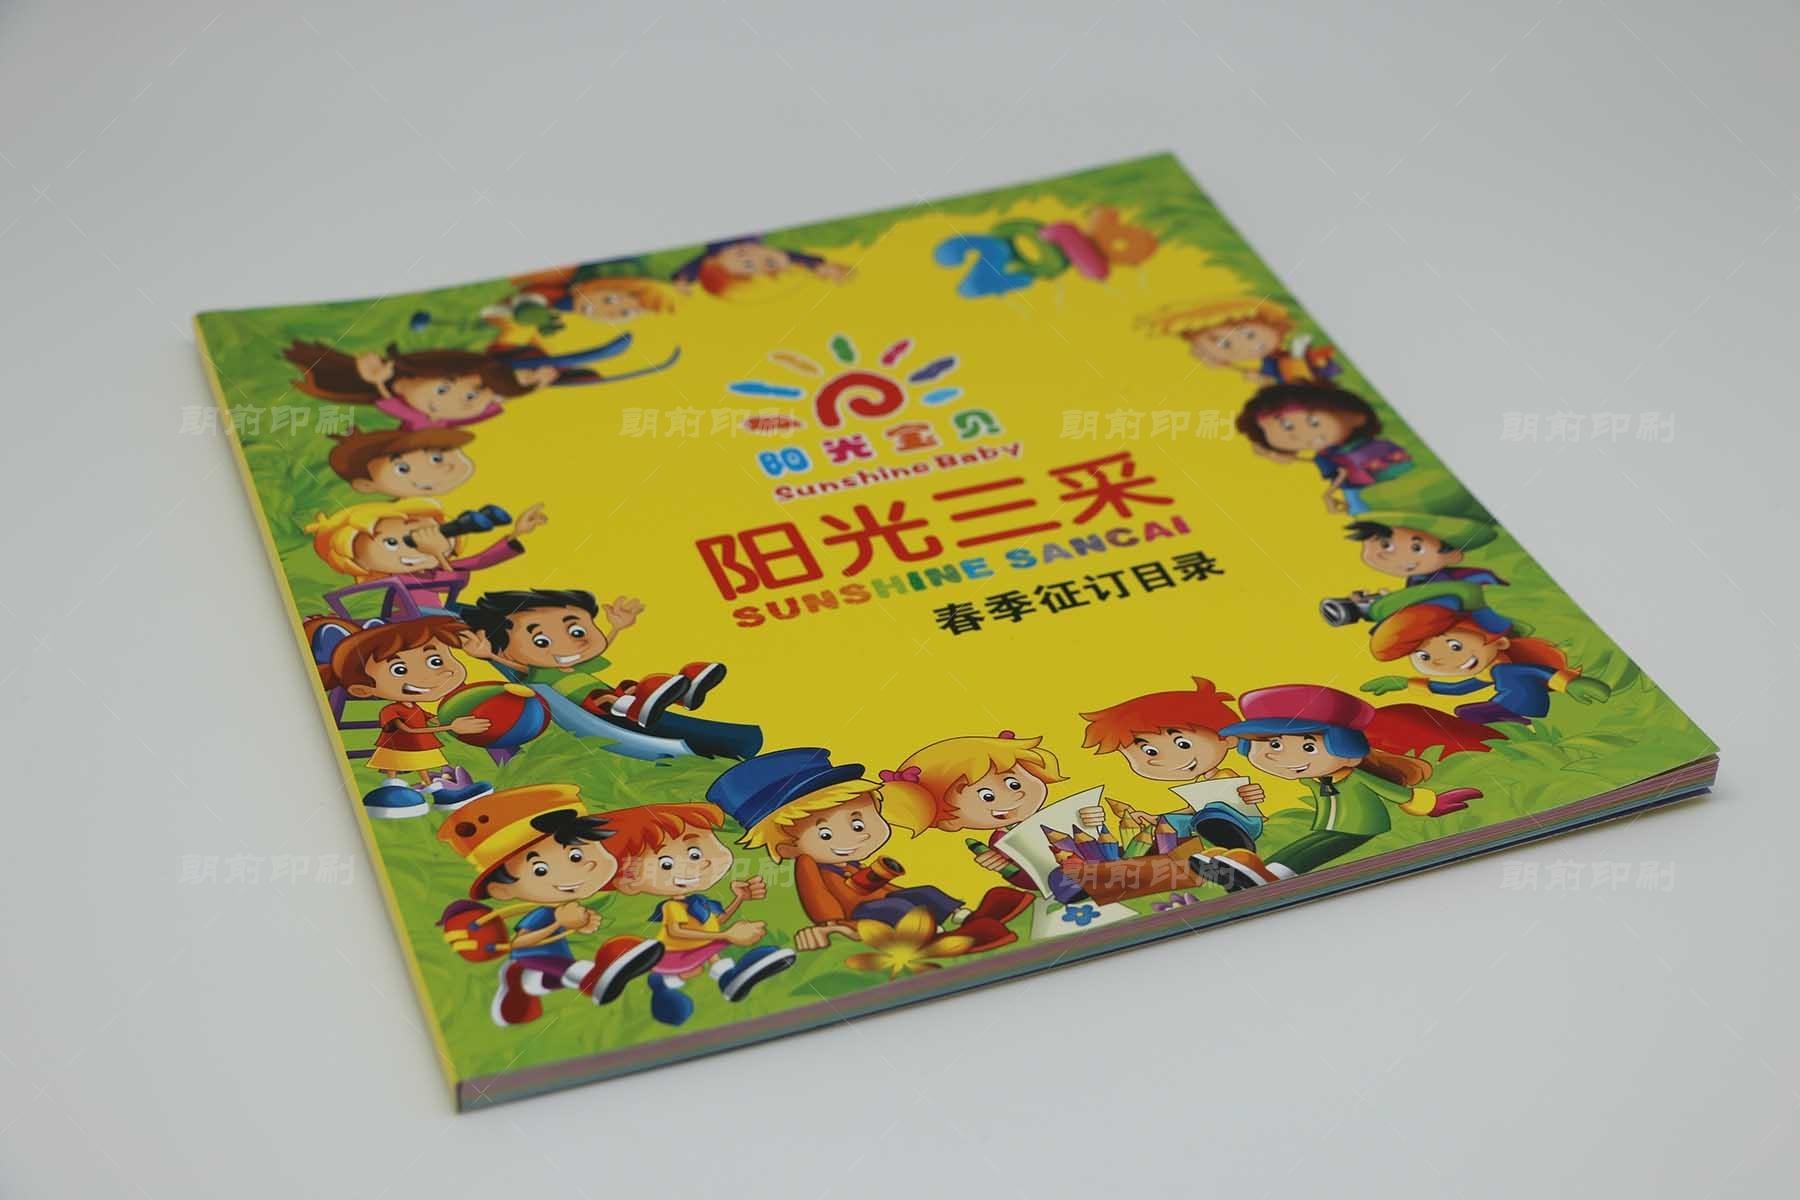 广州专业画册印刷多少钱 广州提供画册设计印刷